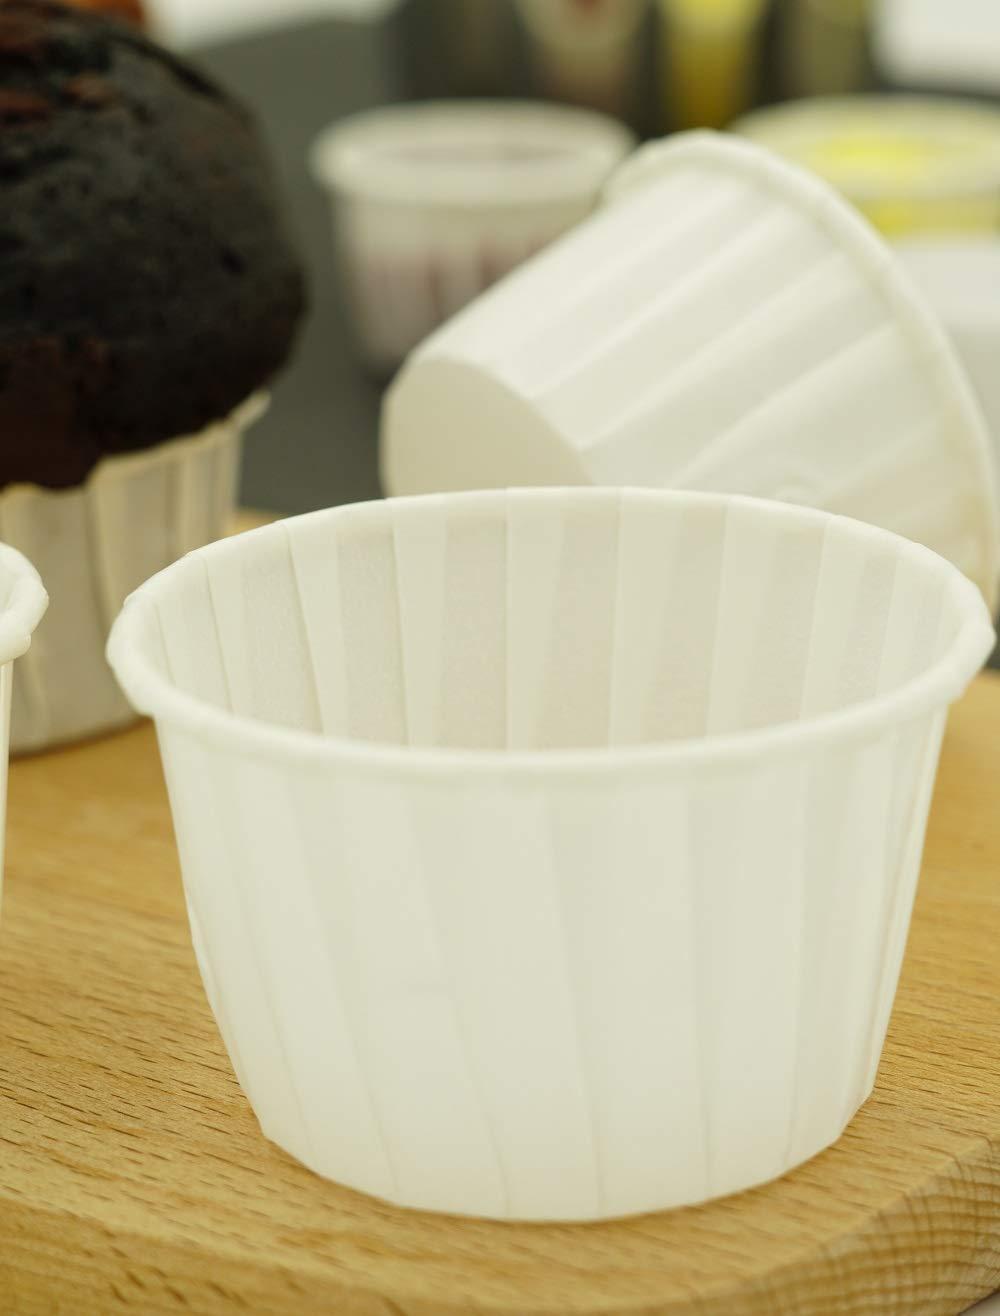 Sugar and Cakes 100 Cupcake Muffin Weiss Papier Backförmchen Backform beschichtet Tasse backfähig benötigt Keine Extra Form WD